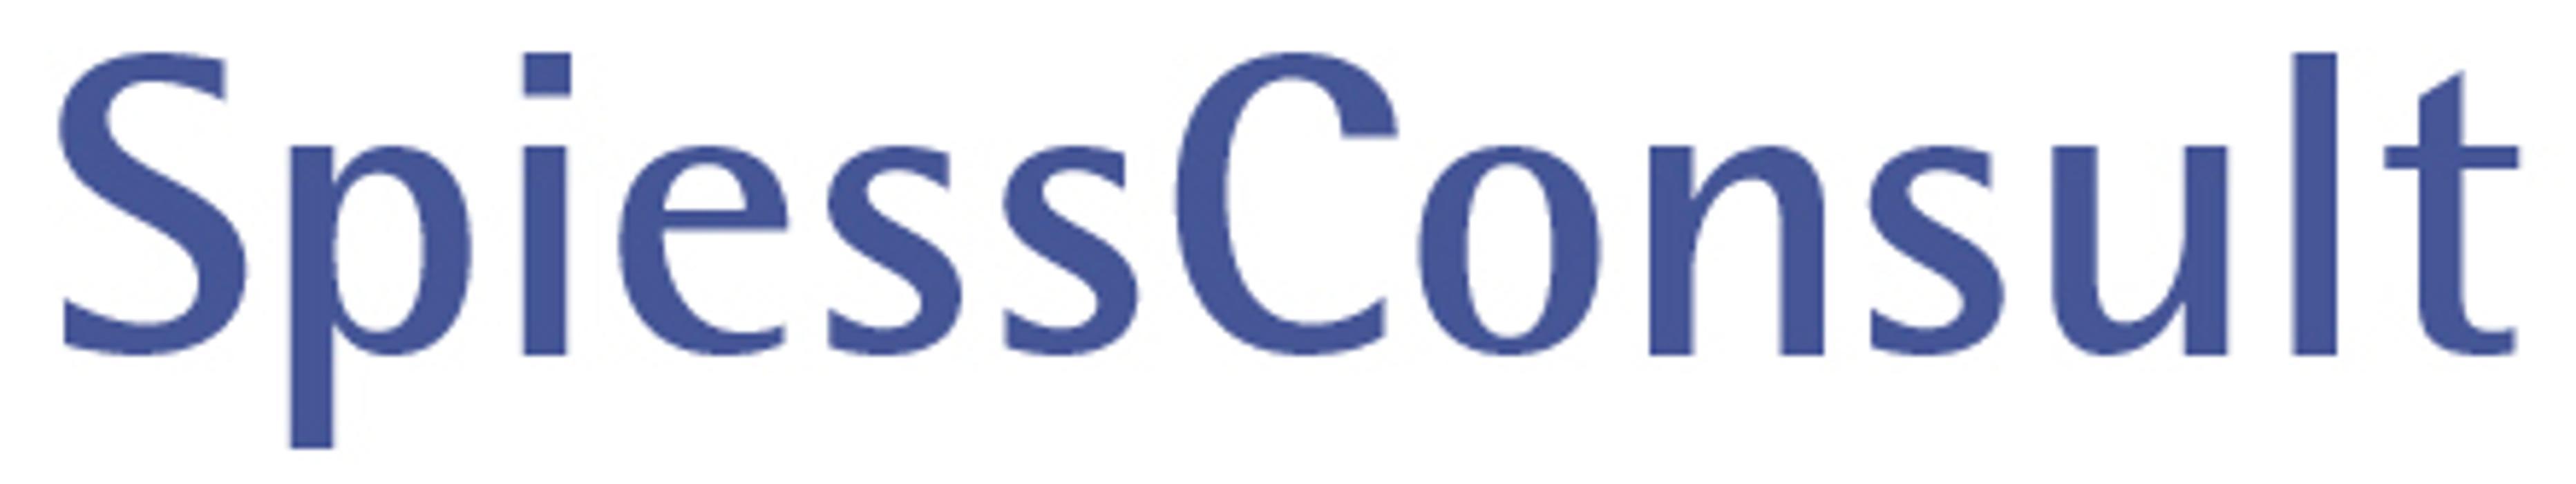 SpiessConsult GmbH & Co. KG